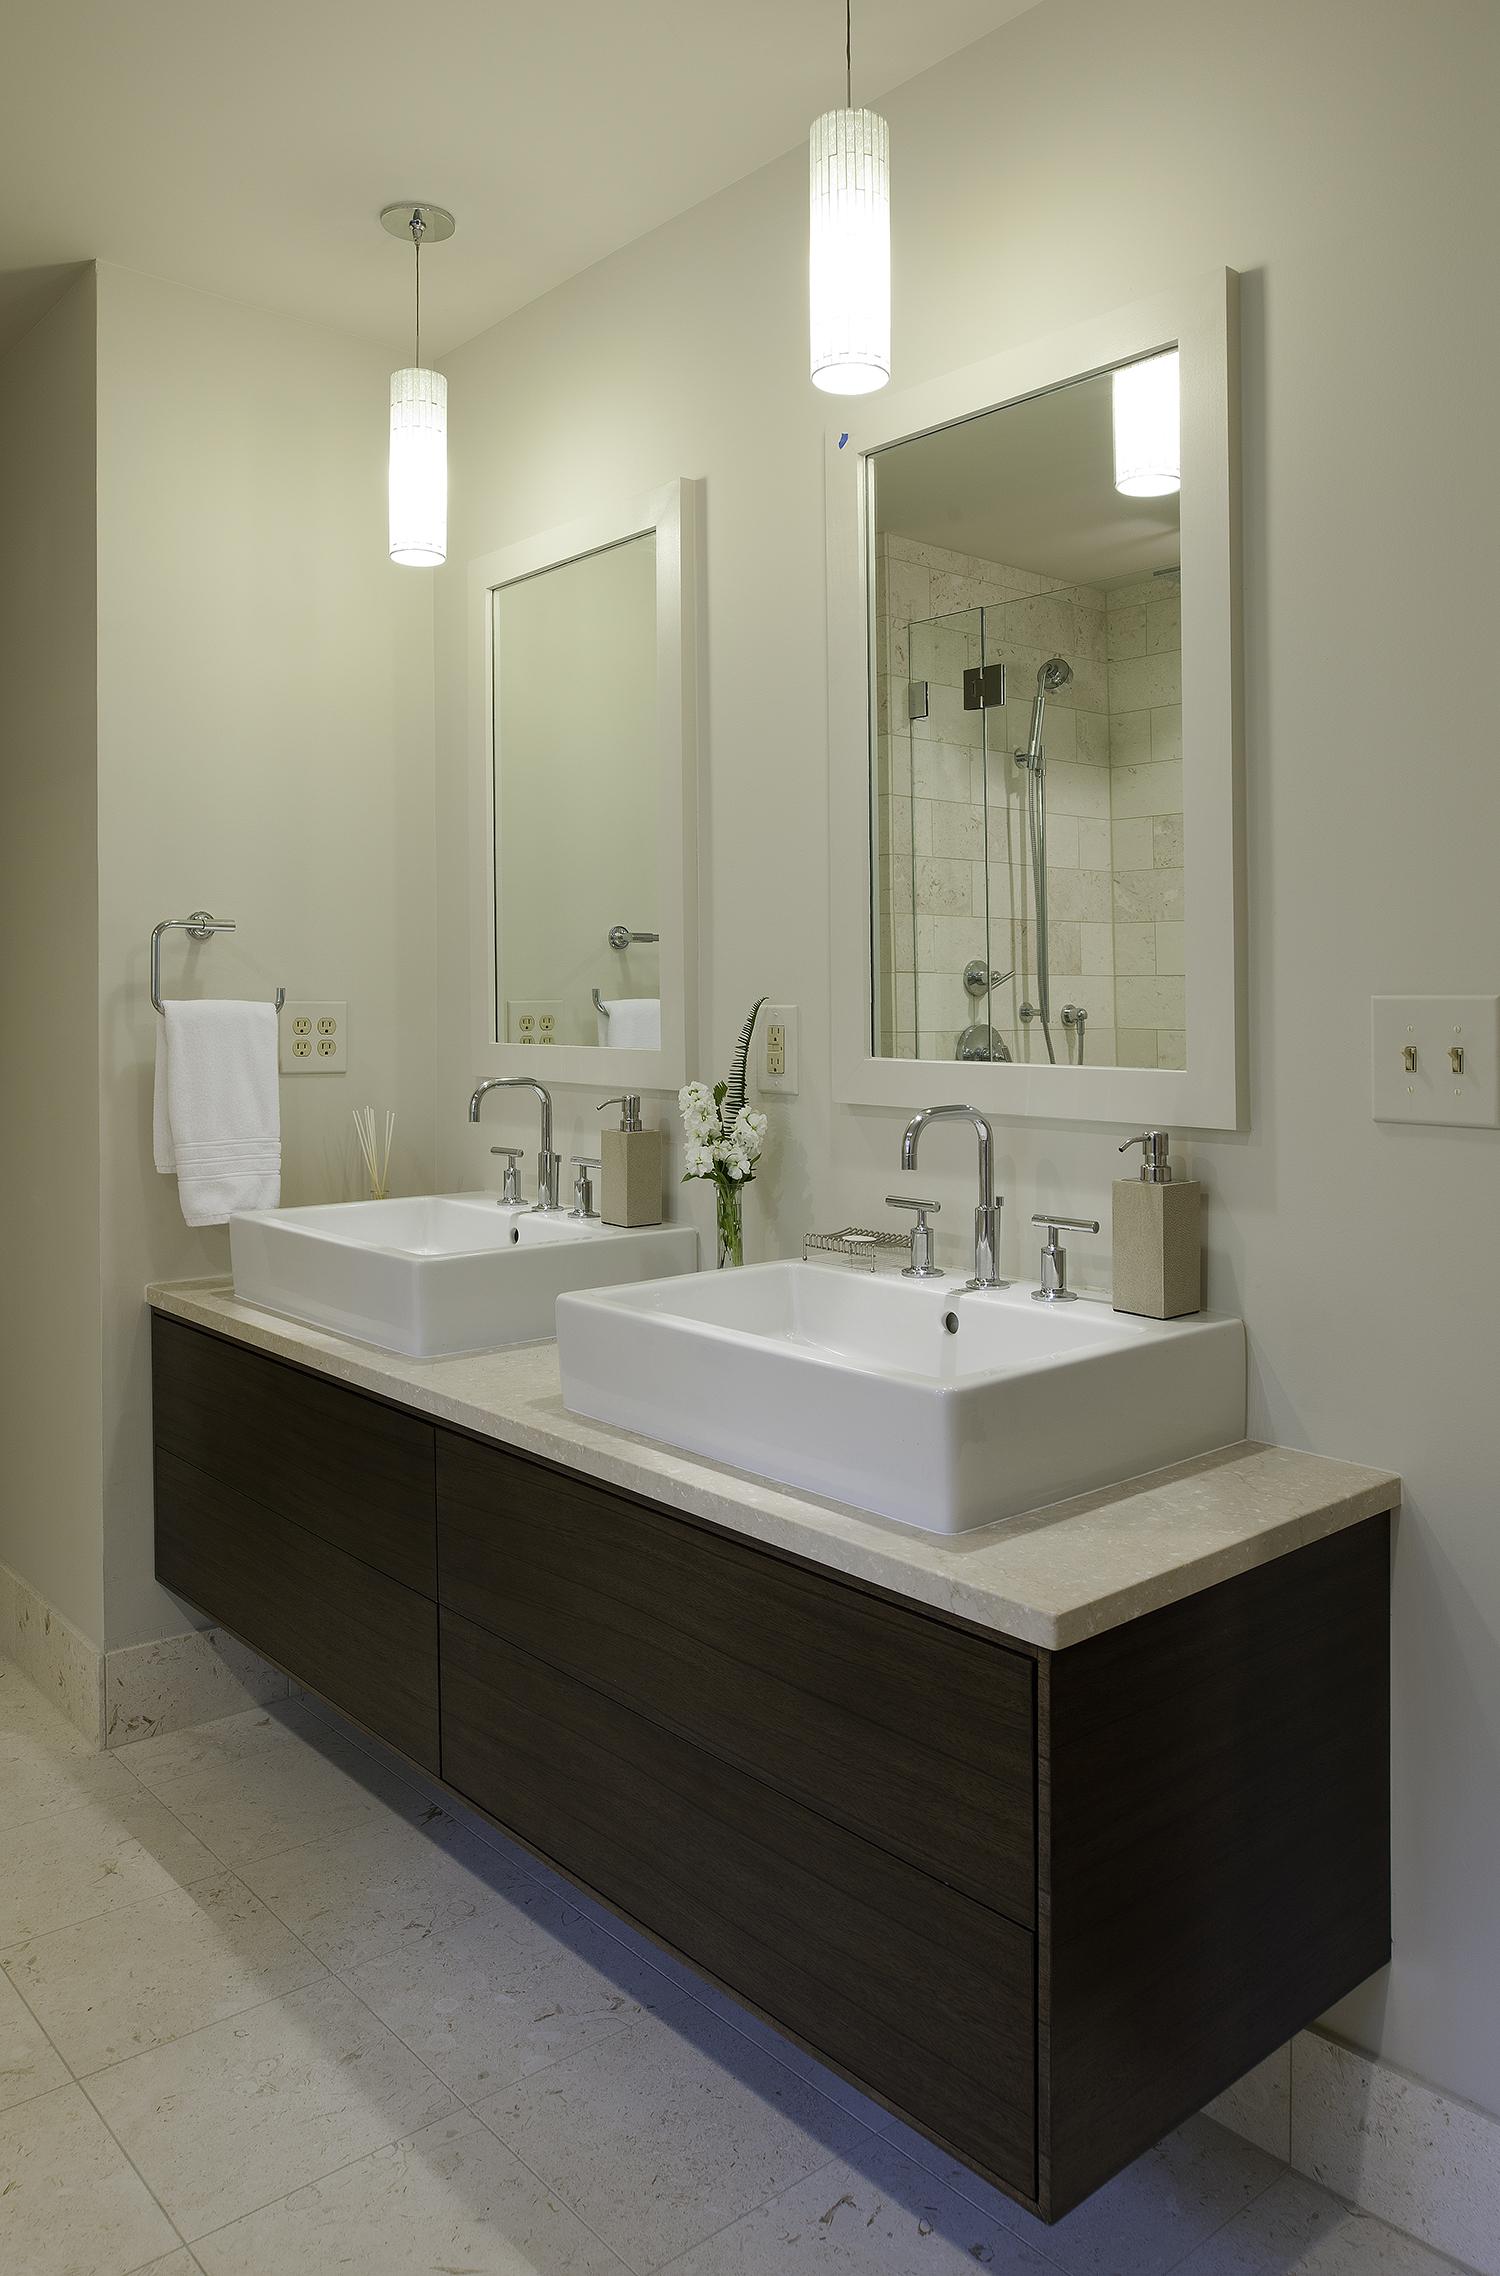 cadobathroom2.jpg